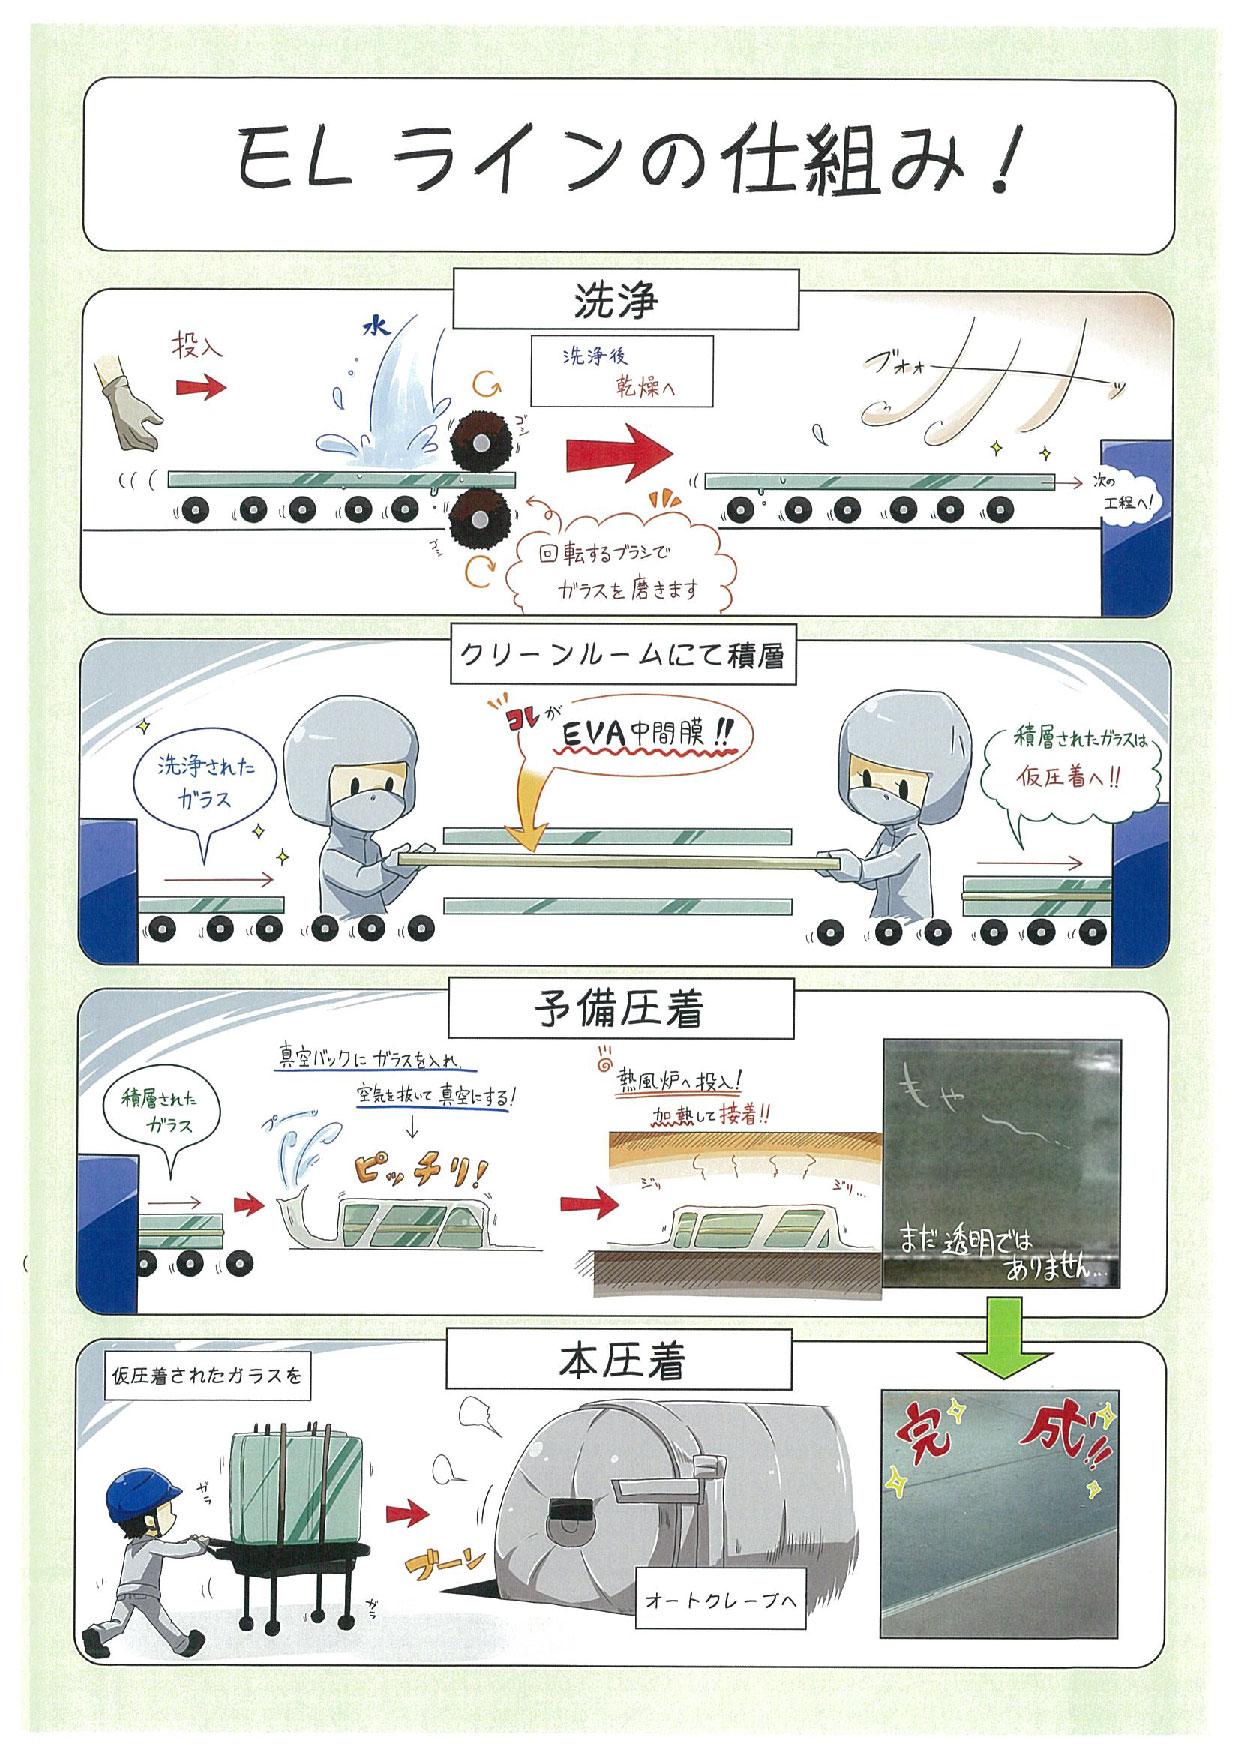 https://www.sanshiba-g.co.jp/images/setubi/Cleanroom.jpg